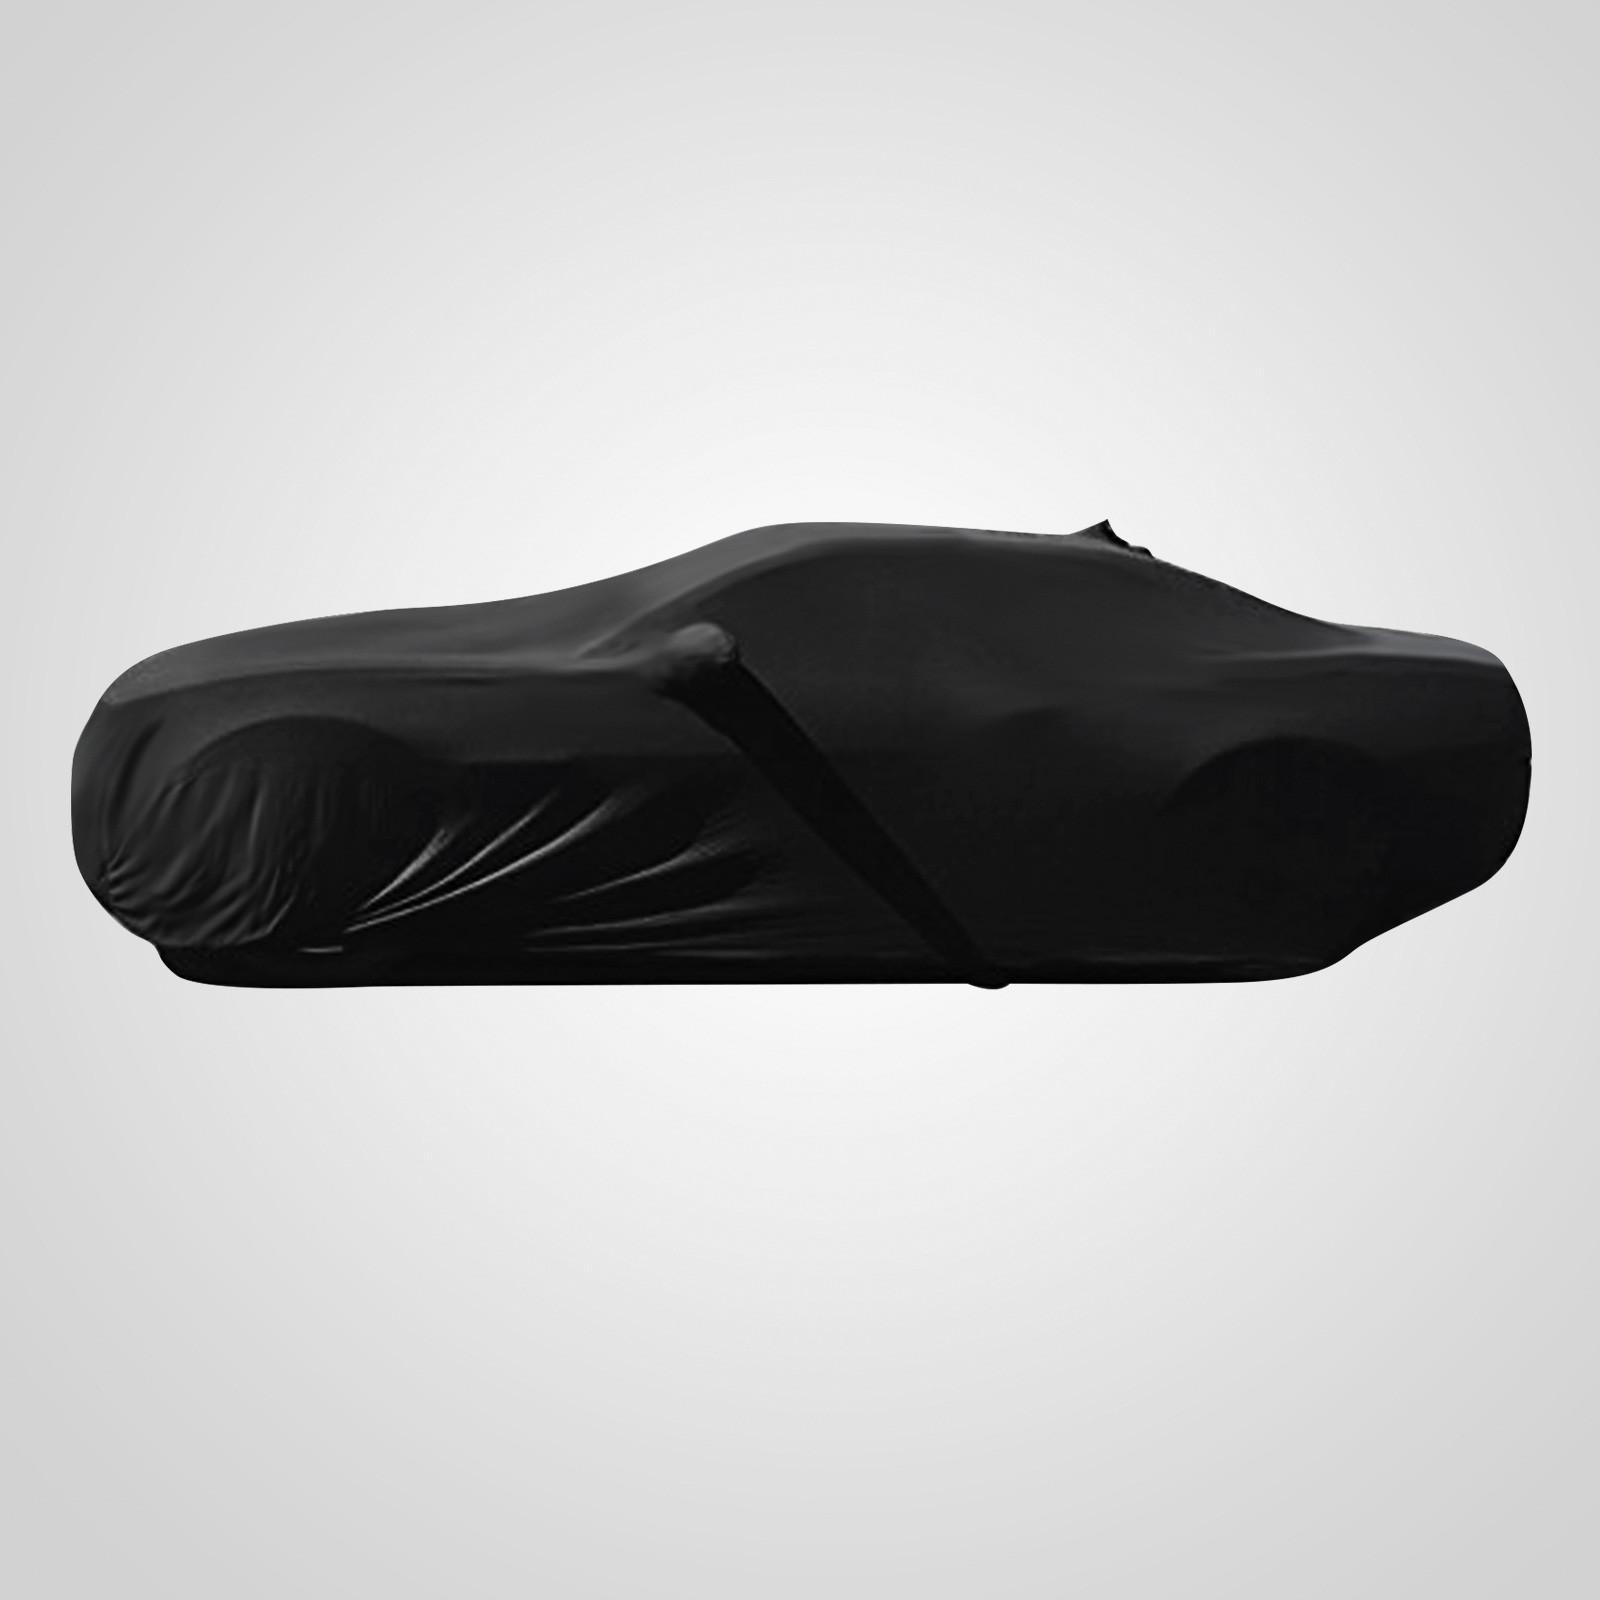 Housse voiture pour porsche 911 996 997 polyester noir for Housse porsche 911